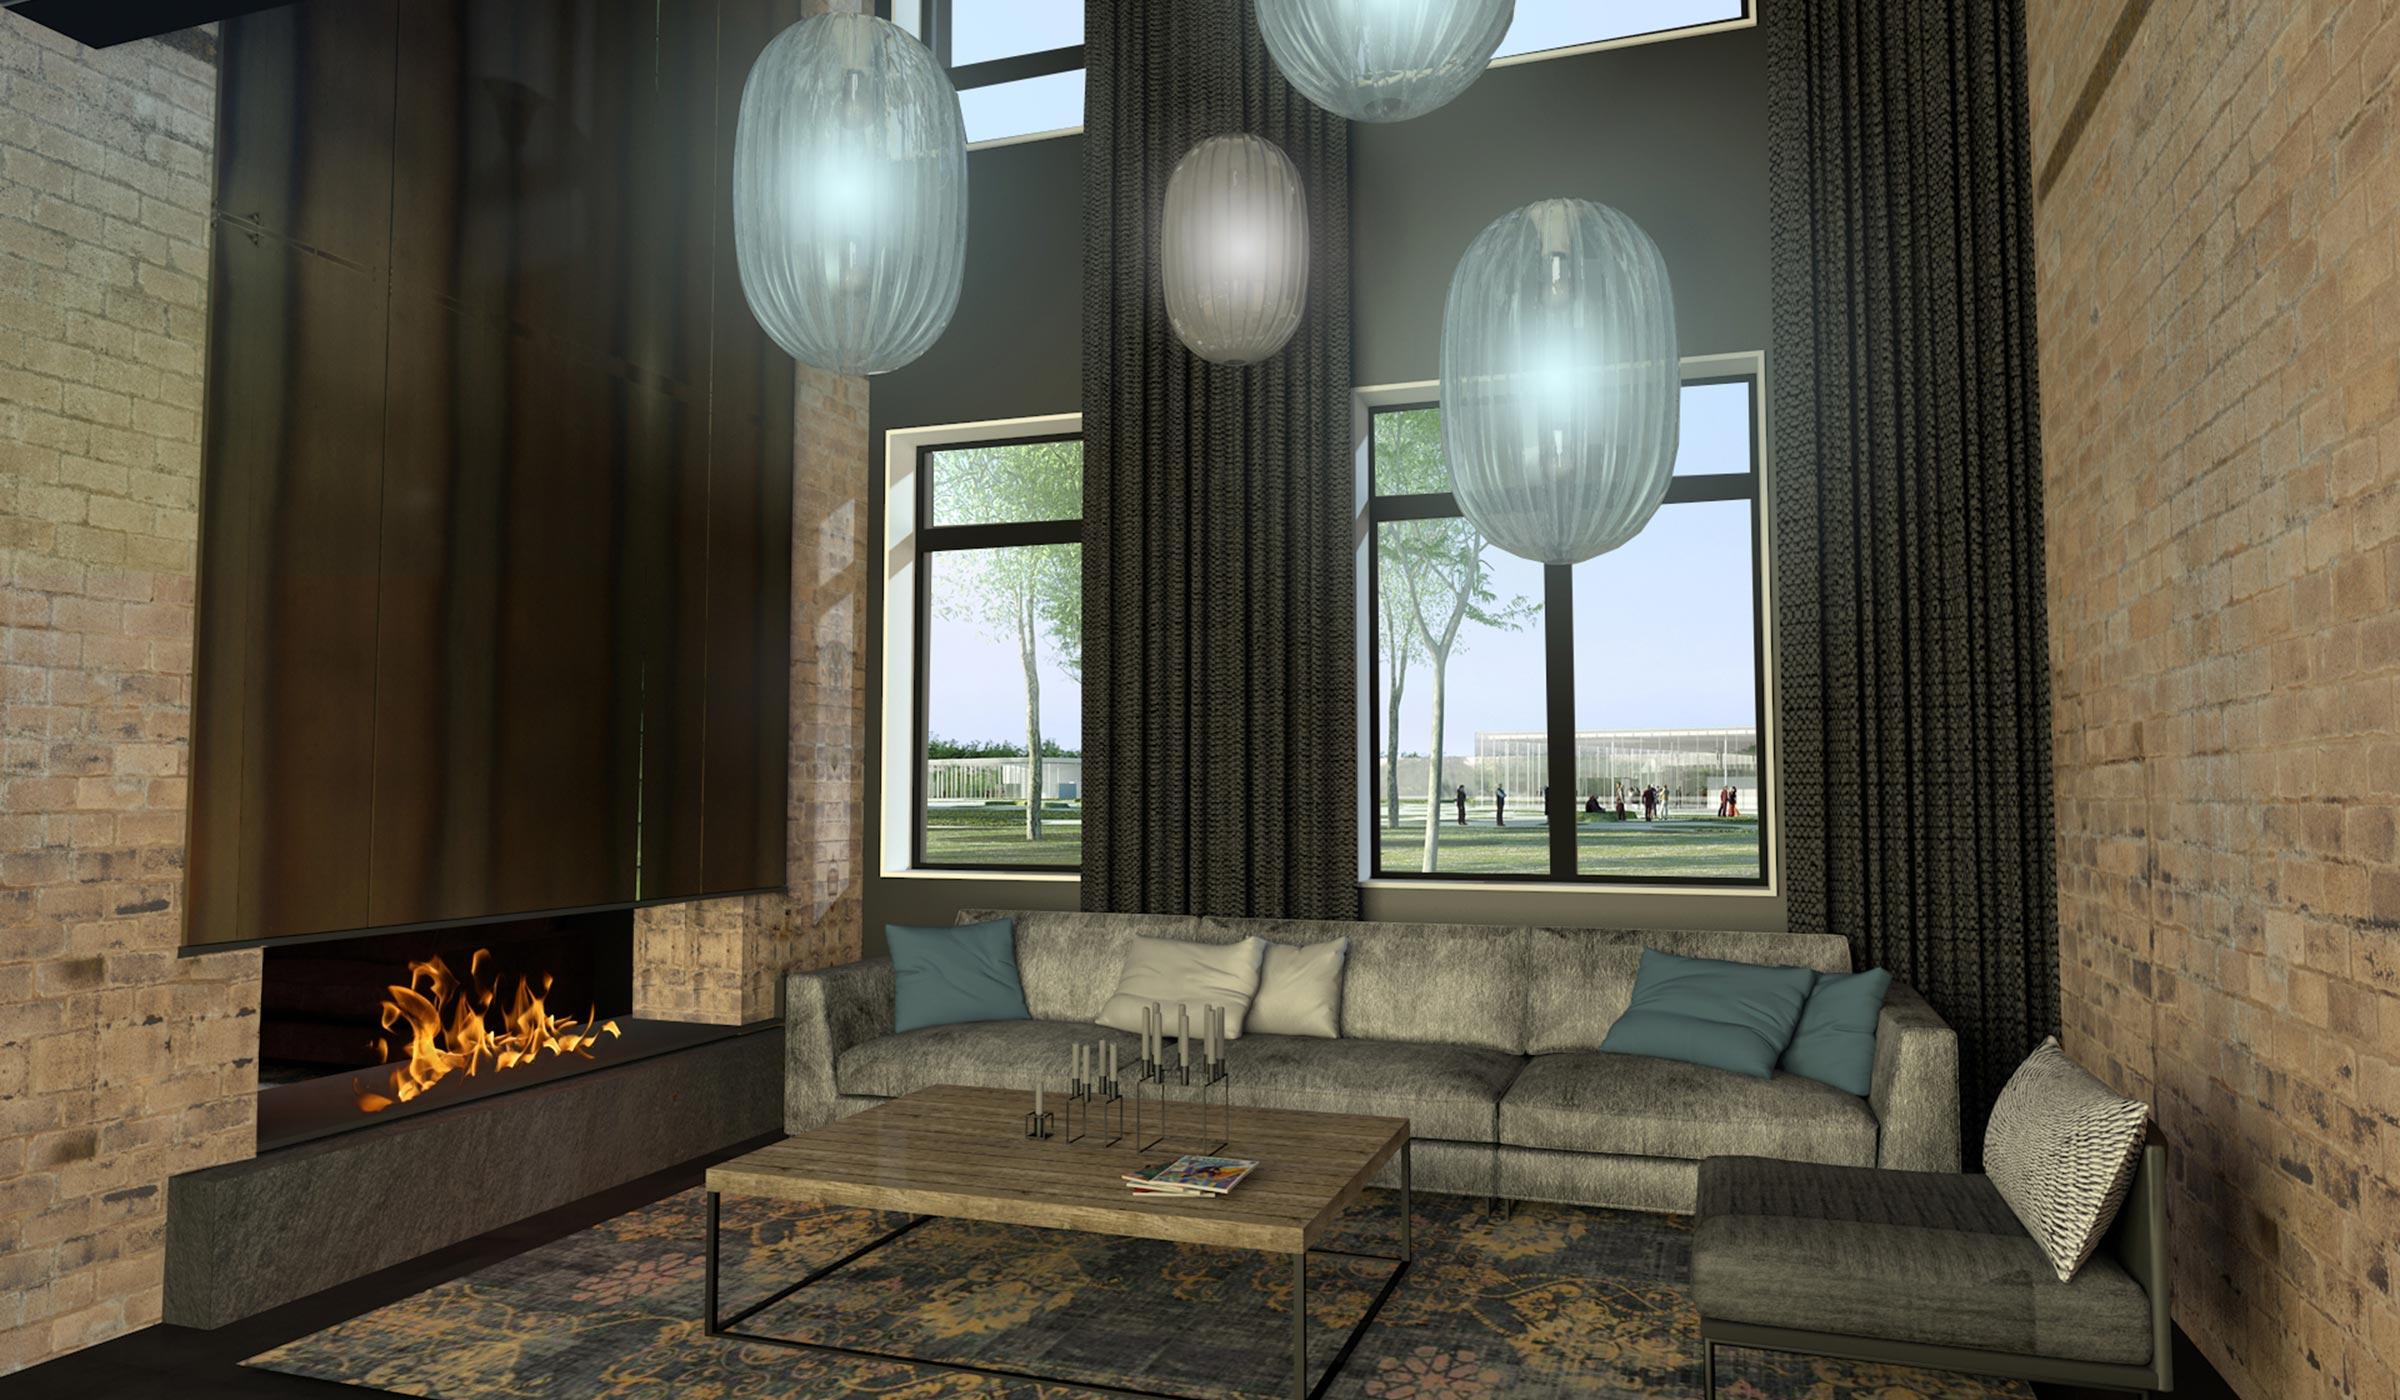 chantier de l 39 h tel du louvre lens guillaume da silva. Black Bedroom Furniture Sets. Home Design Ideas